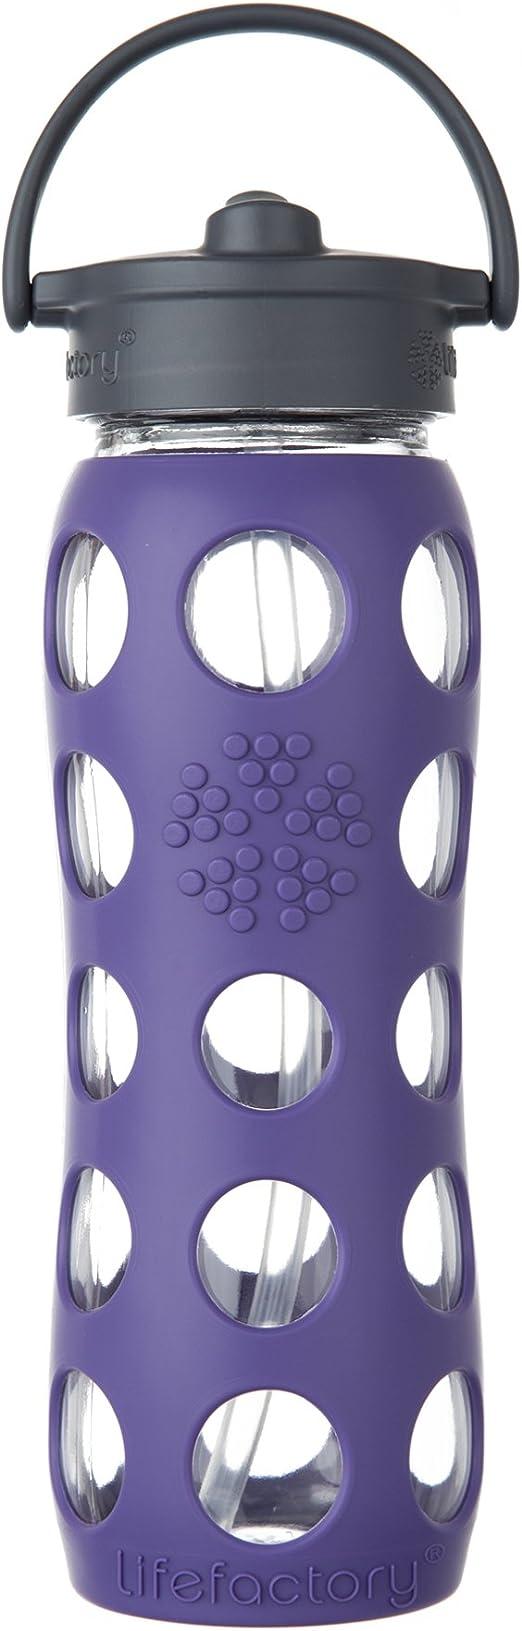 Lifefactory Botella de Cristal, Straw Cap, Vidrio, Morado, 6.5 x ...